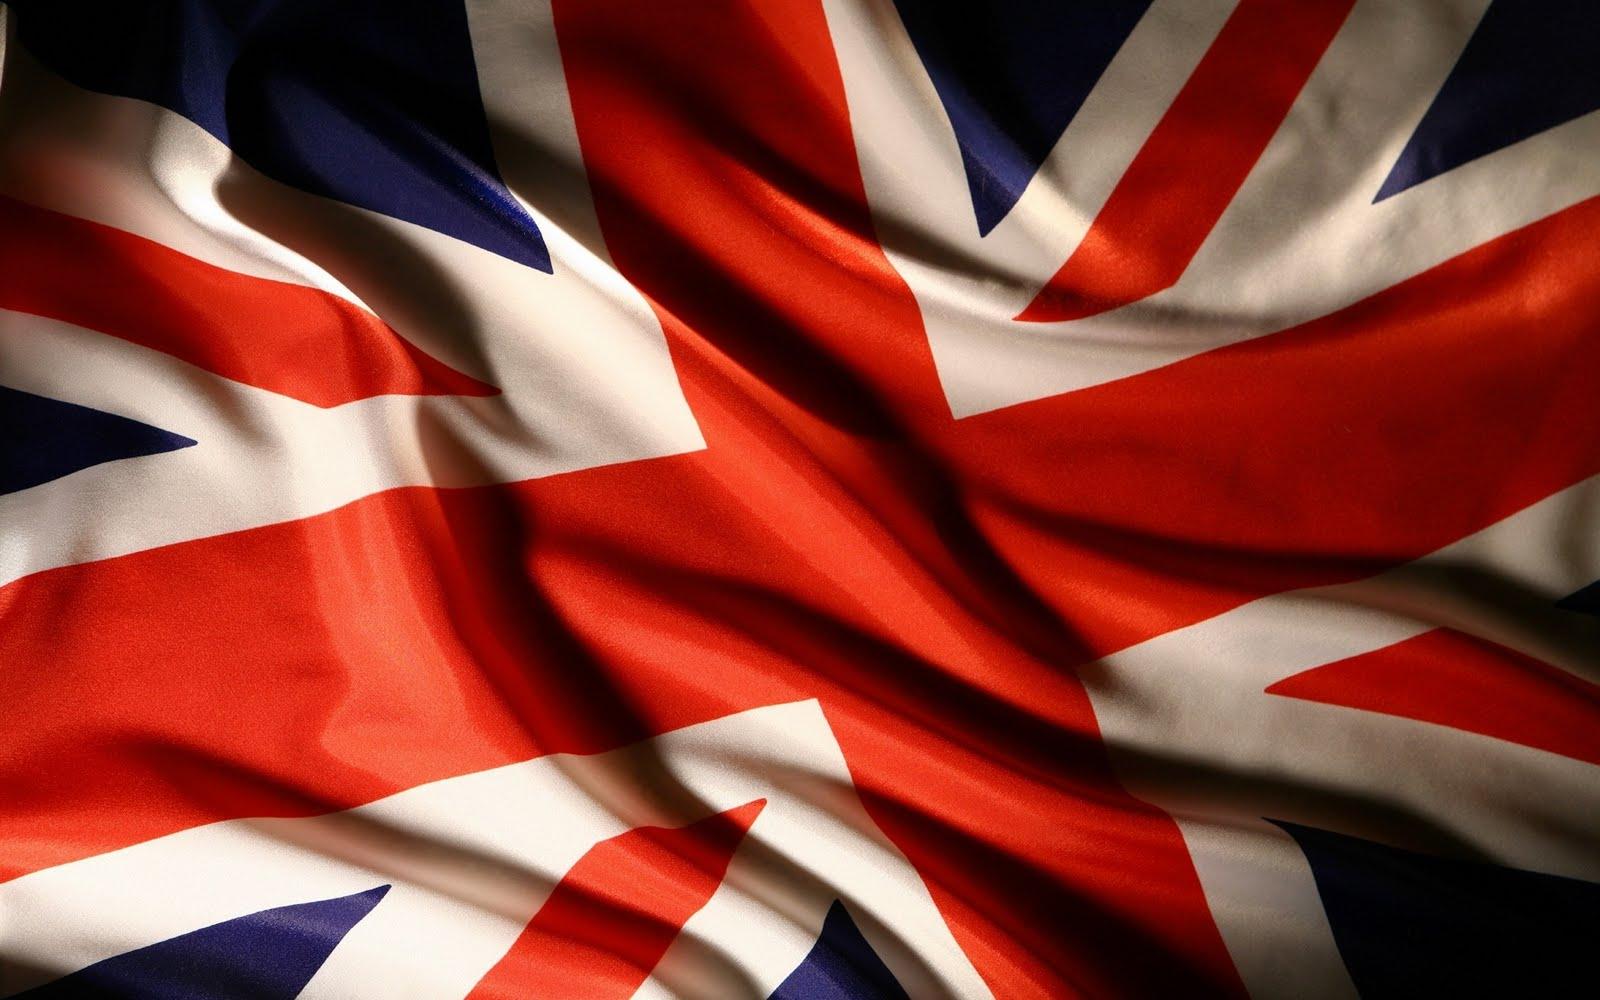 http://3.bp.blogspot.com/-wktAqeQp9w4/Tx6yc0_z6TI/AAAAAAAAHZg/EJxhjIlyjzs/s1600/british-flag-wallpapers_23668_1920x1200.jpg